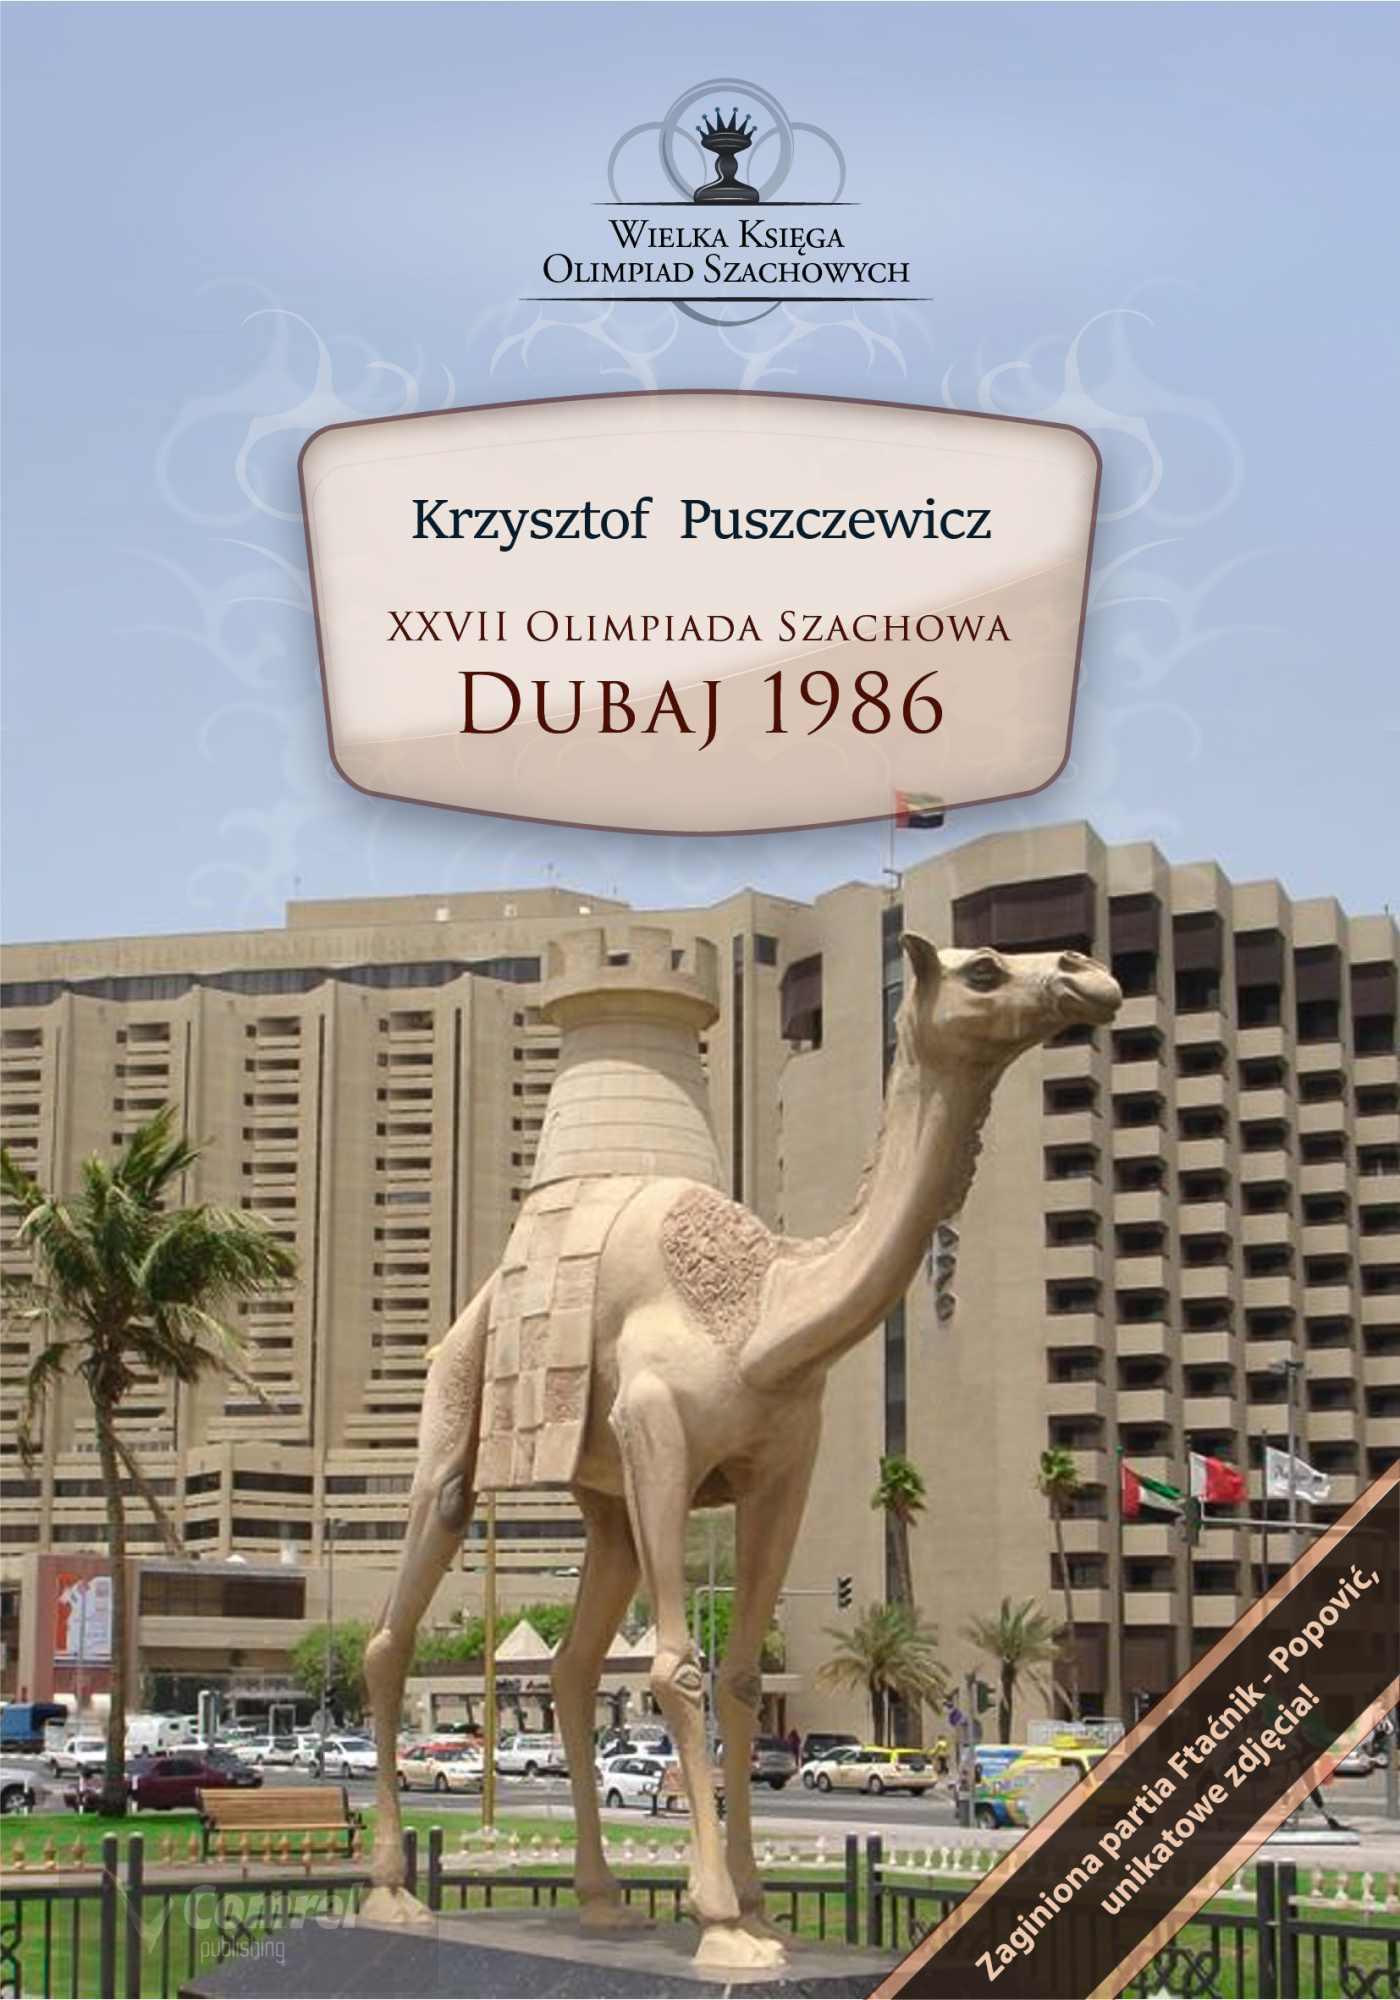 XXVII Olimpiada Szachowa - Dubaj 1986 - Ebook (Książka PDF) do pobrania w formacie PDF